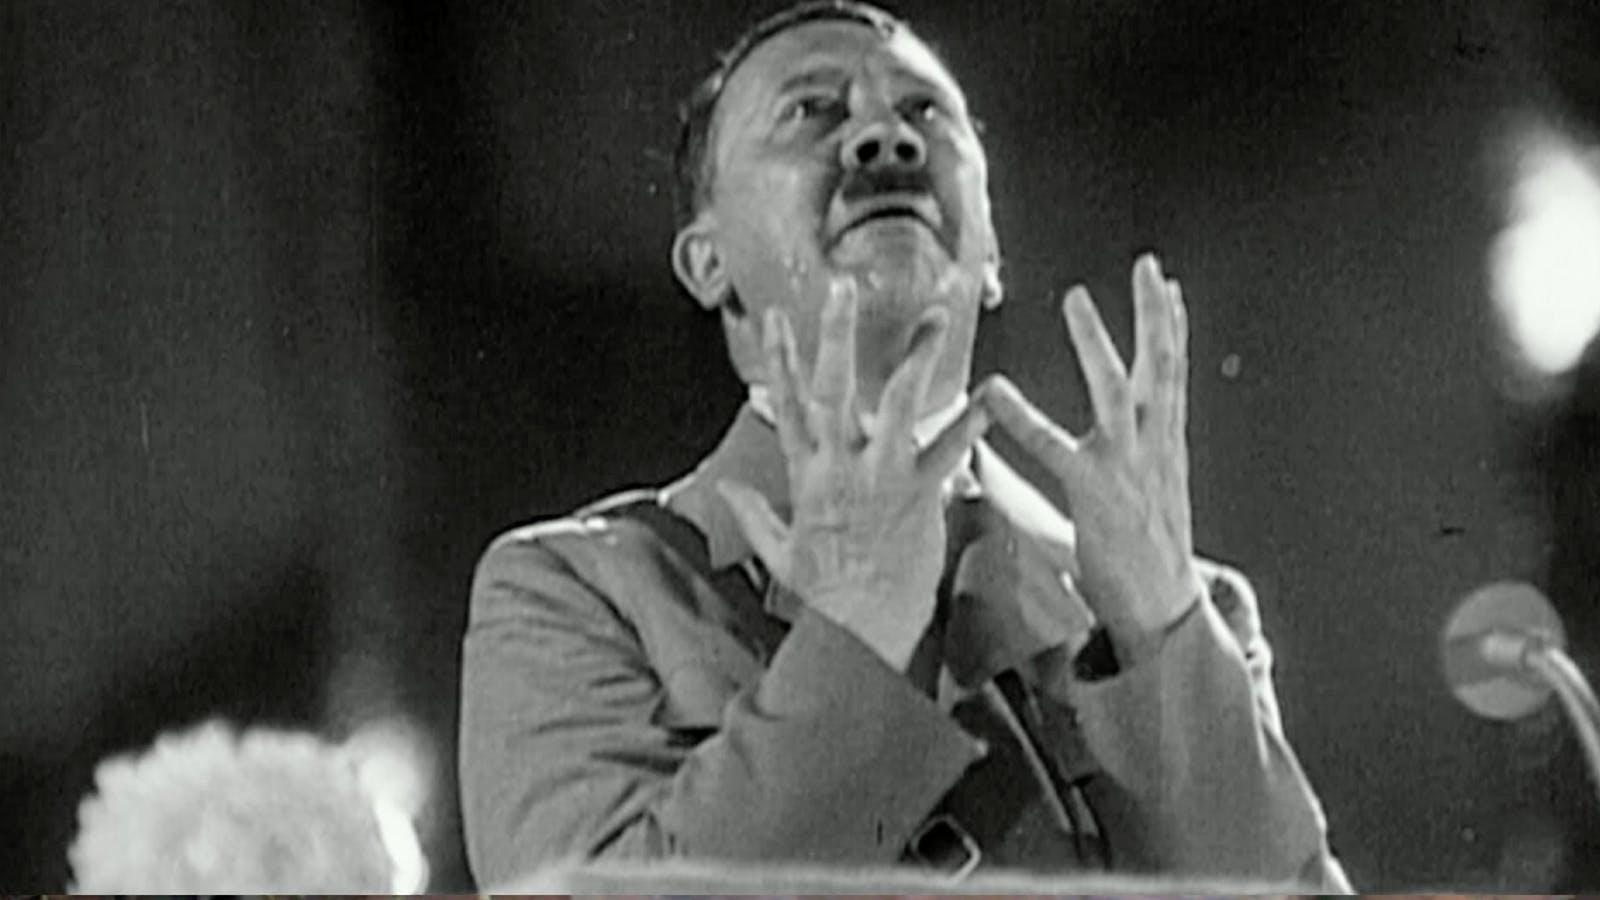 Youtube dichiara guerra ai contenuti antisemiti, ma cancella per errore anche alcuni video storici del III Reich